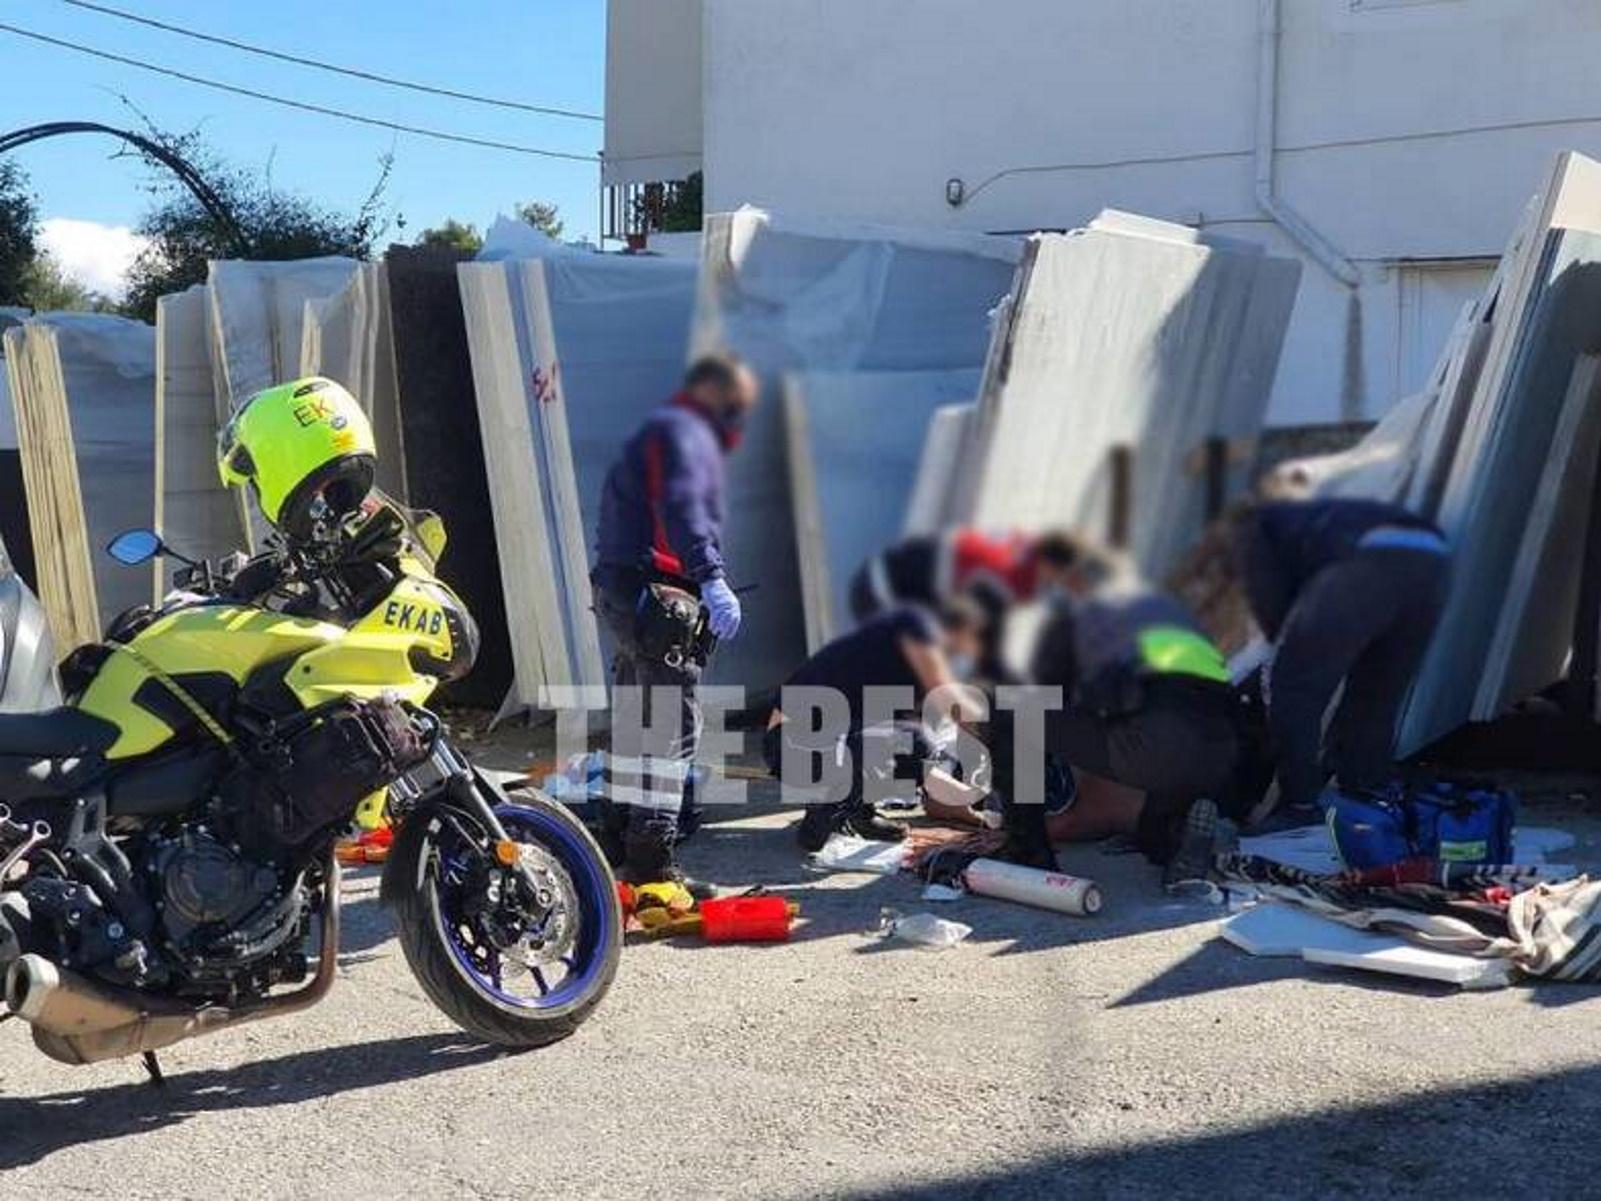 Πάτρα: 53χρονος καταπλακώθηκε από μάρμαρα – Τραυματίστηκε σοβαρά στο κεφάλι (pics)